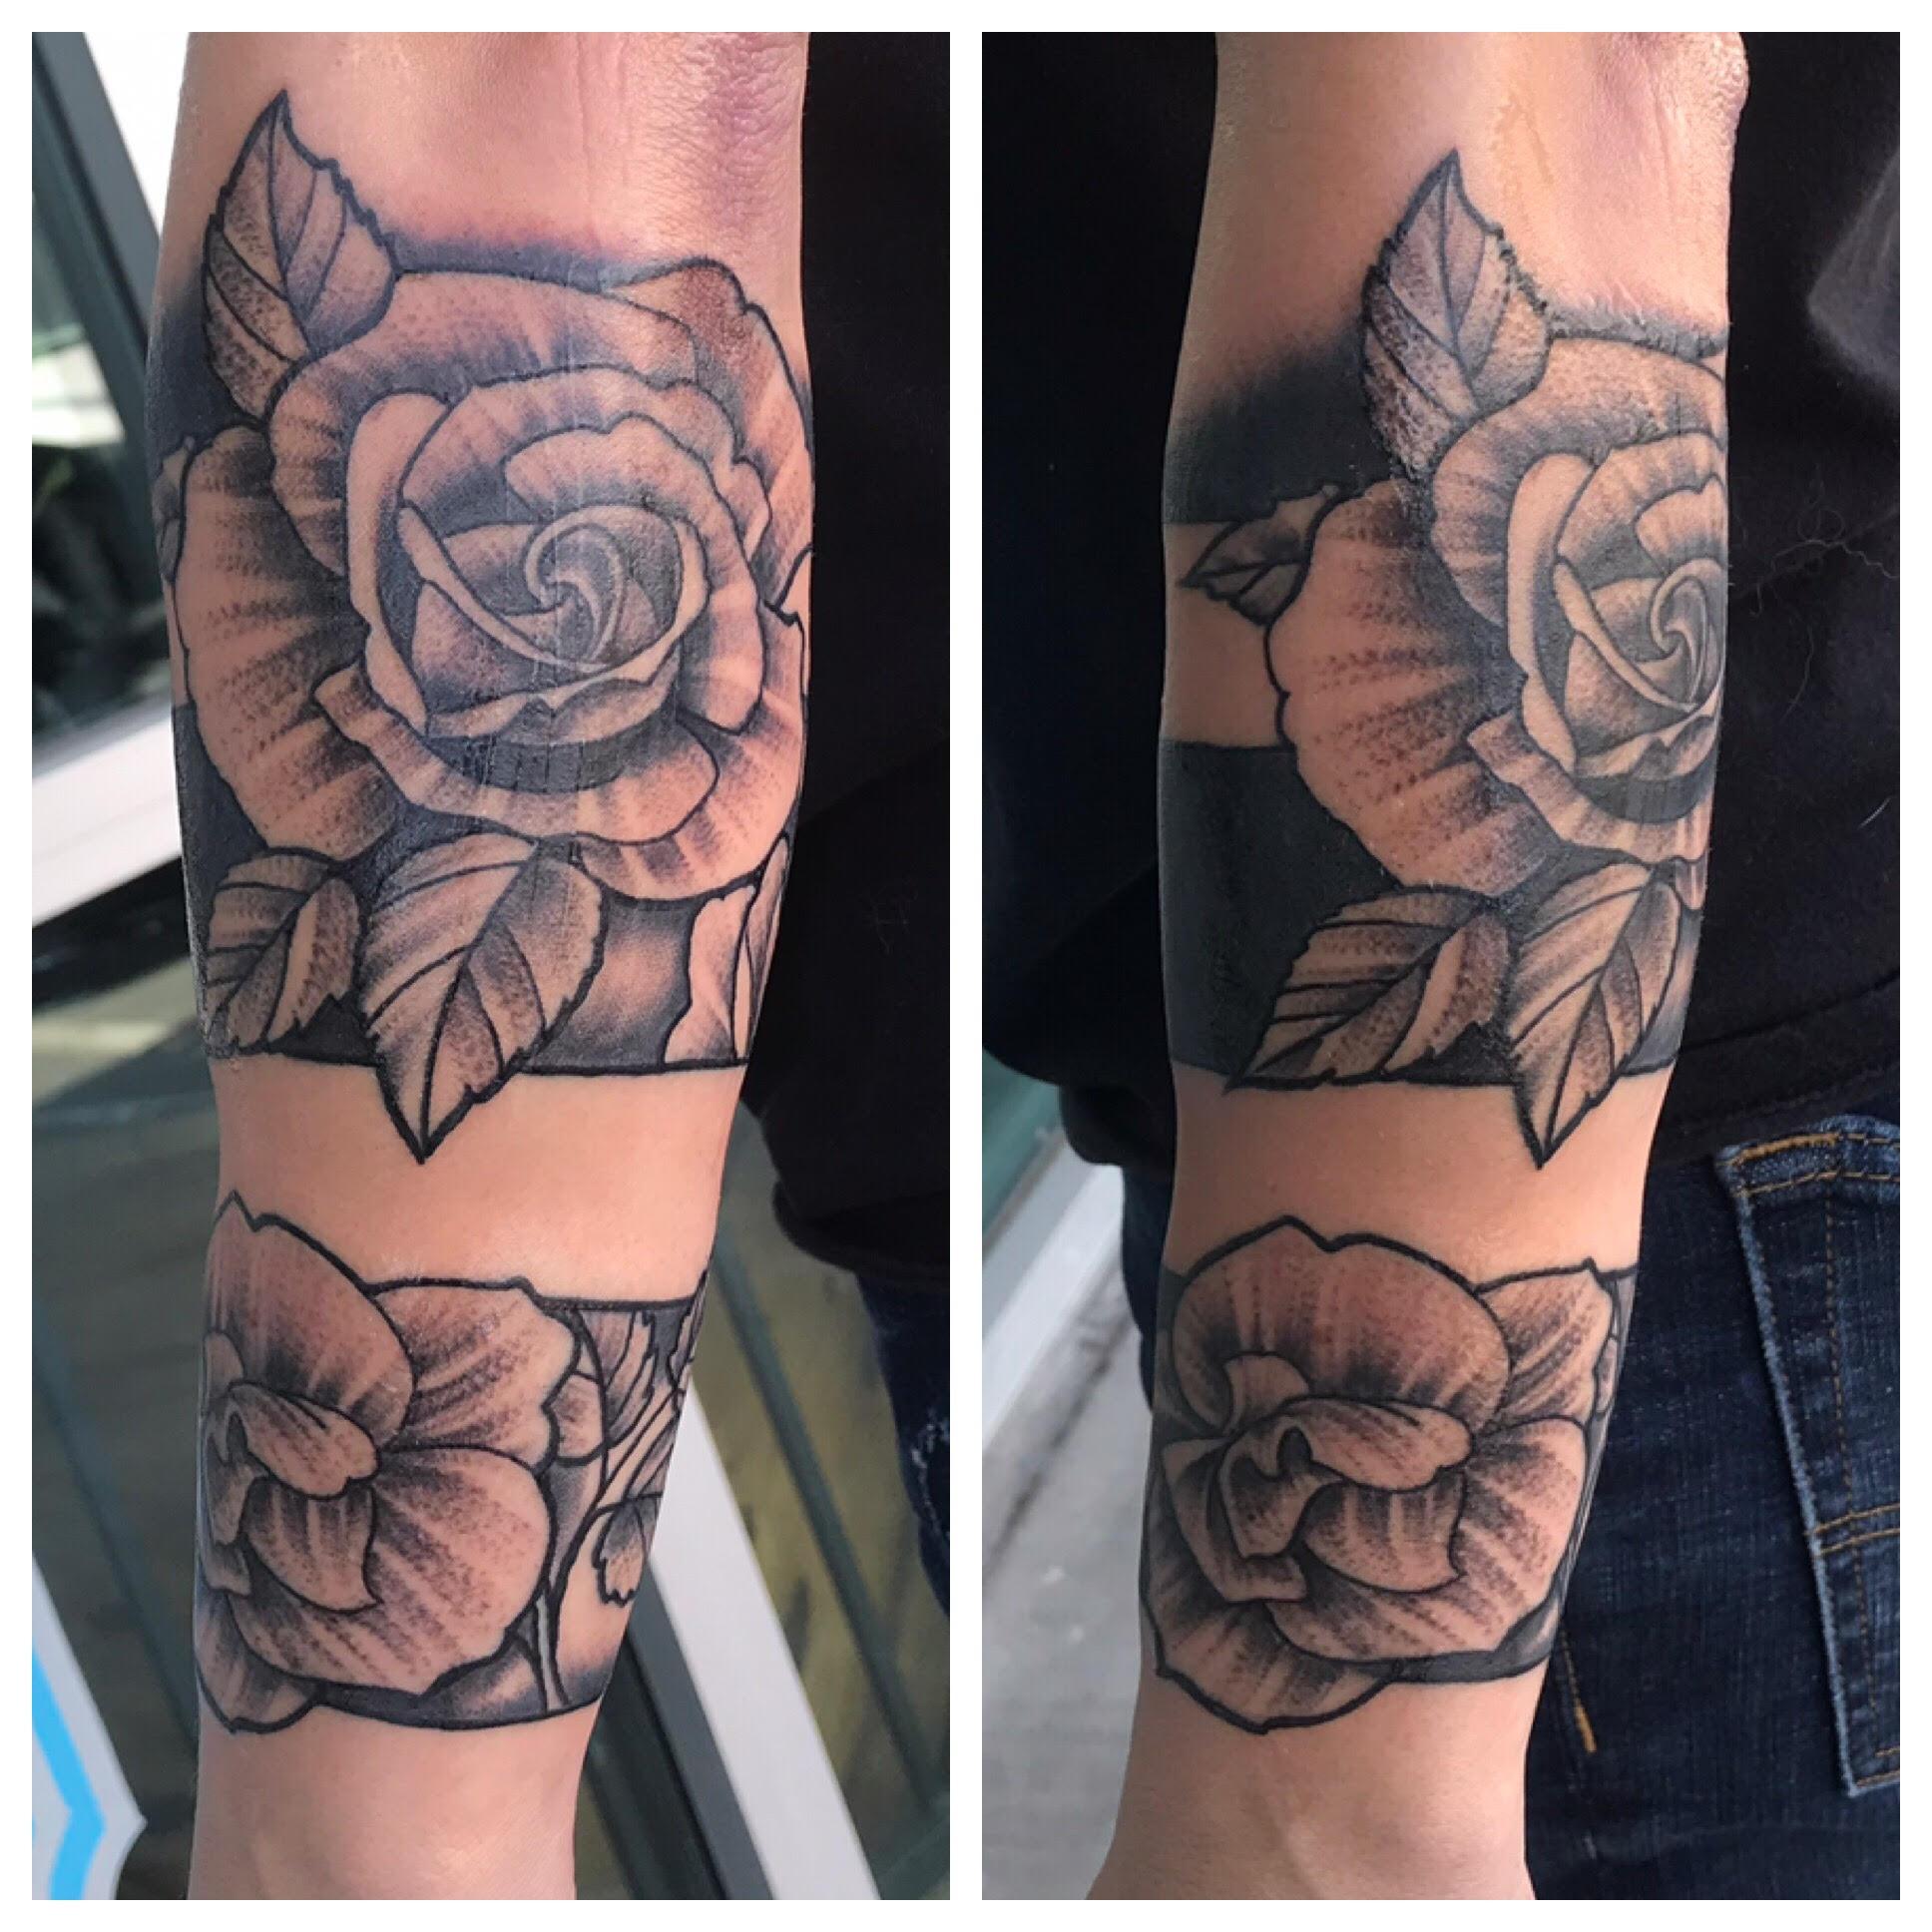 Rose Tattoos by Krystof